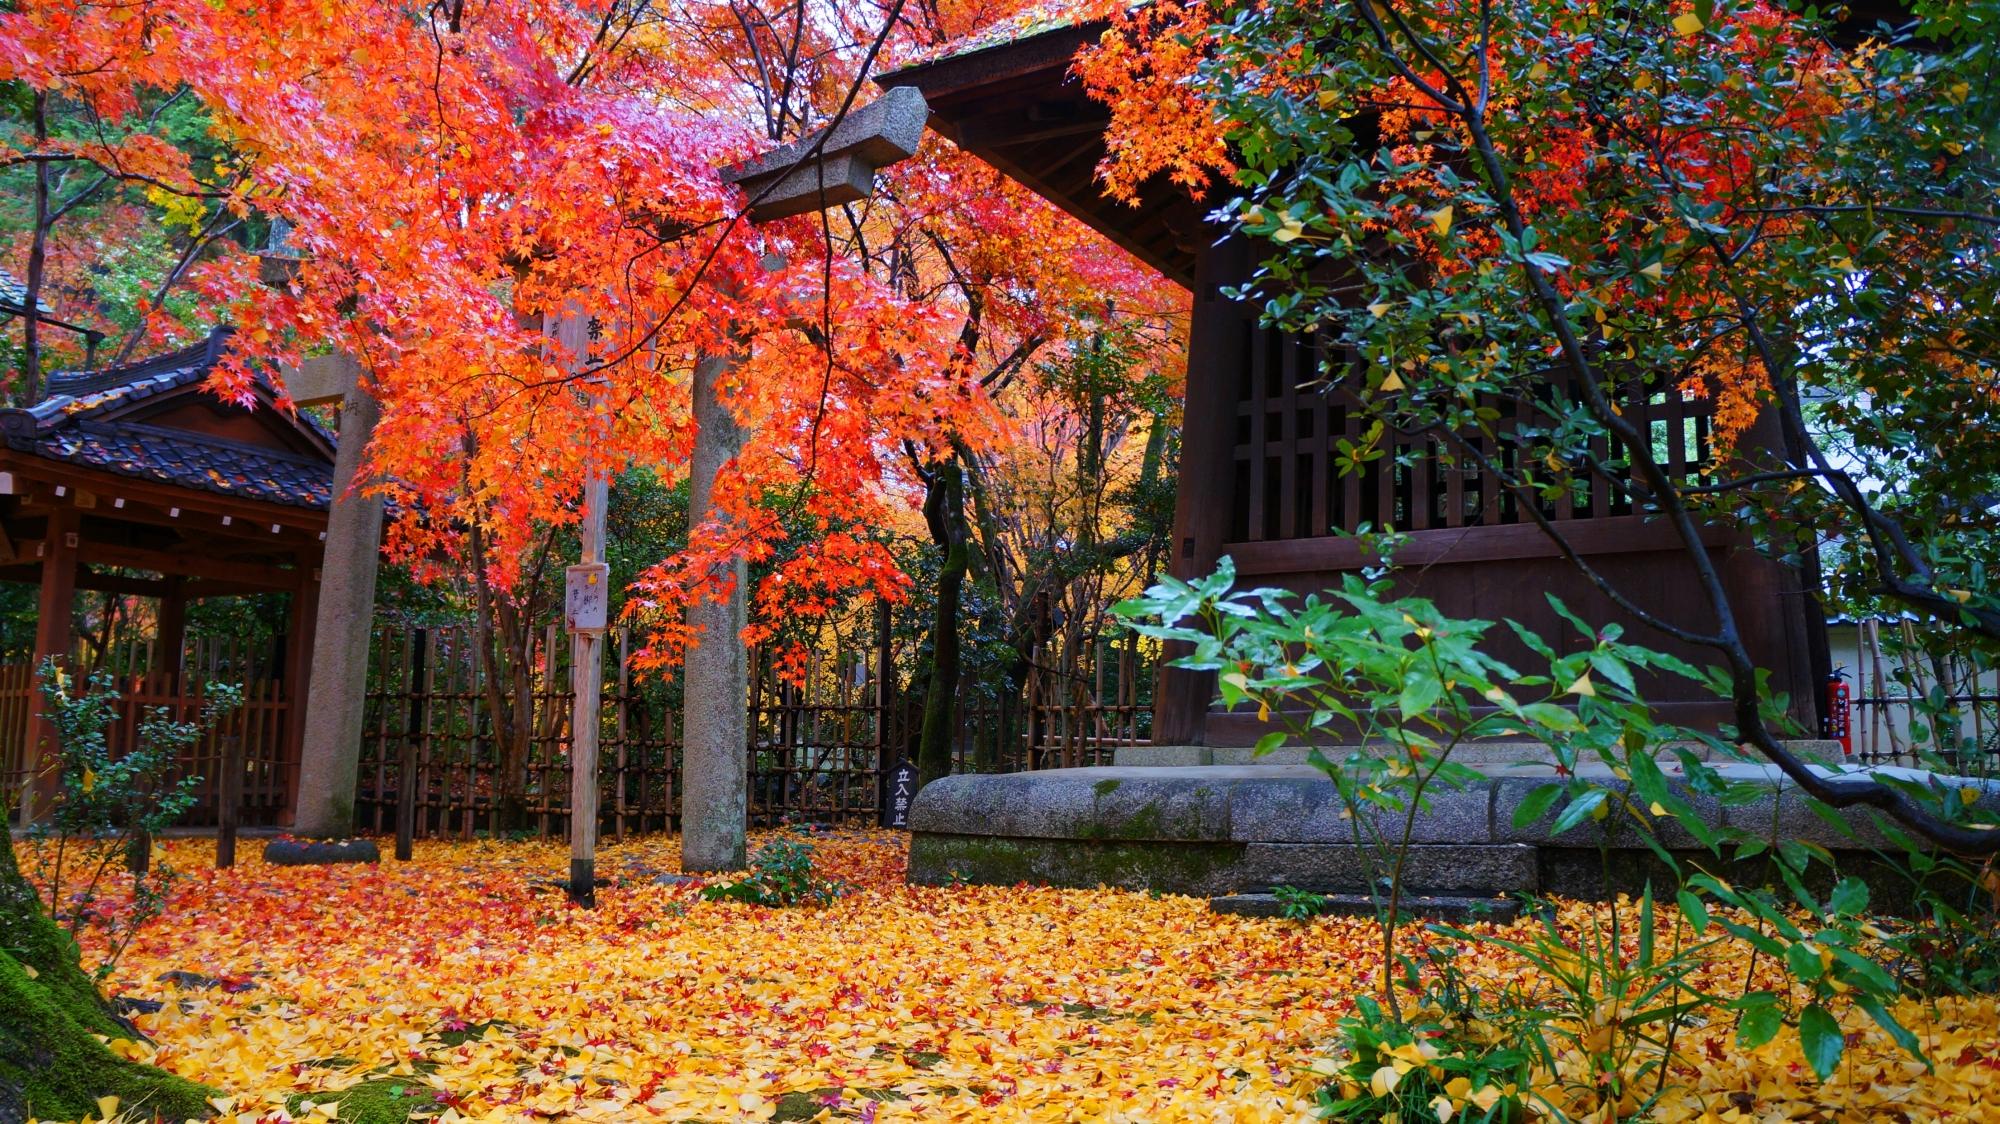 秋色につつまれた鐘楼と井戸屋形